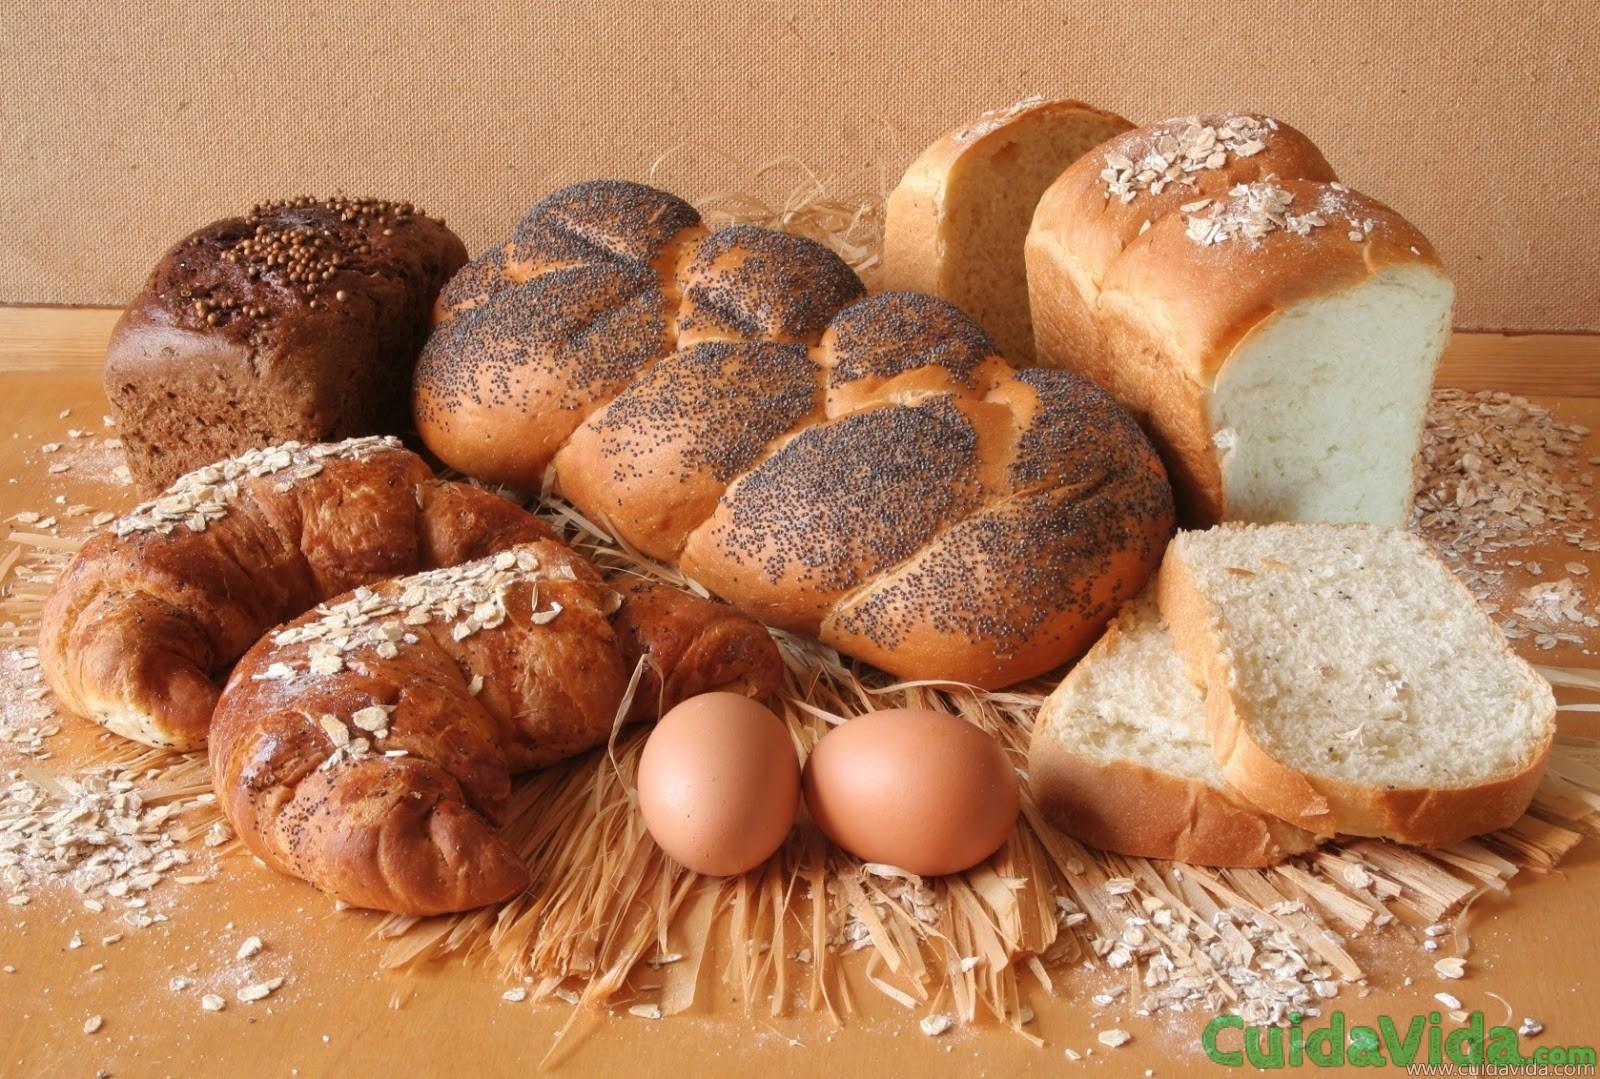 El exceso de carbohidratos eleva el colesterol y hace que engordemos